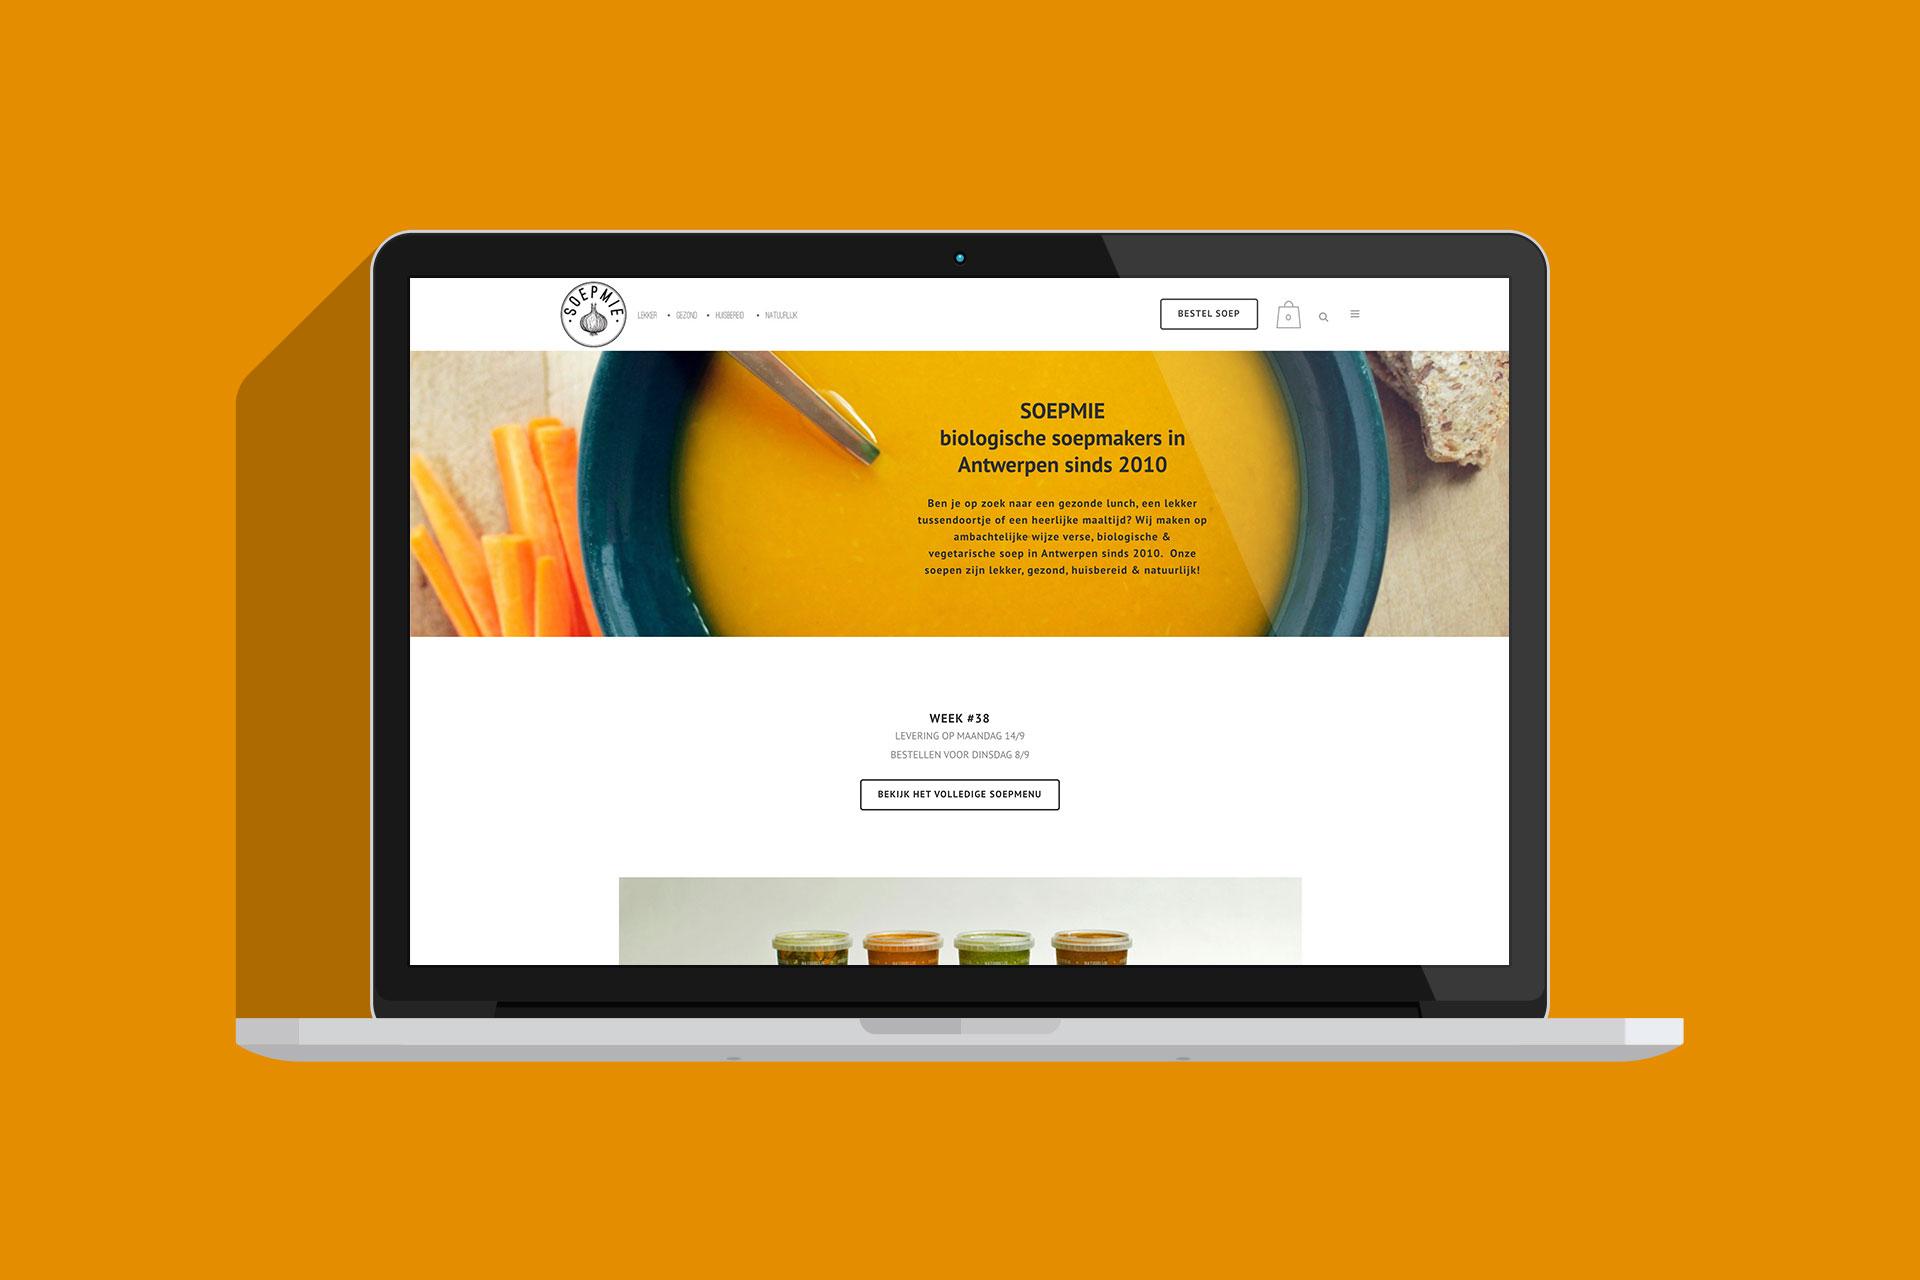 Soepmie websiteafbeelding